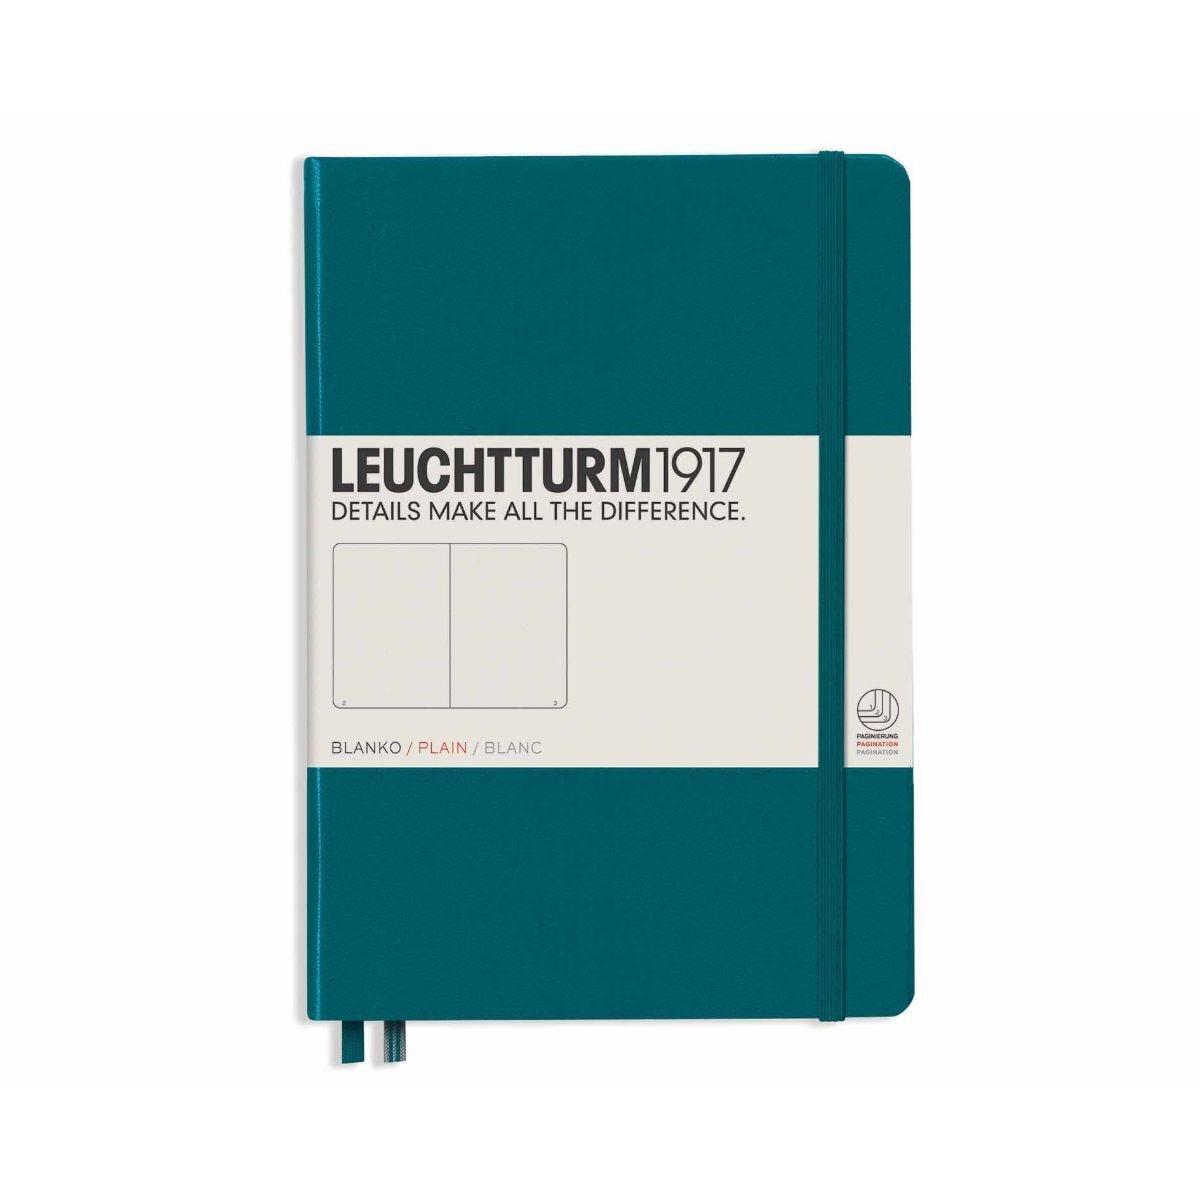 Leuchtturm1917 Hardcover Notebook Plain A5 Pacific Green